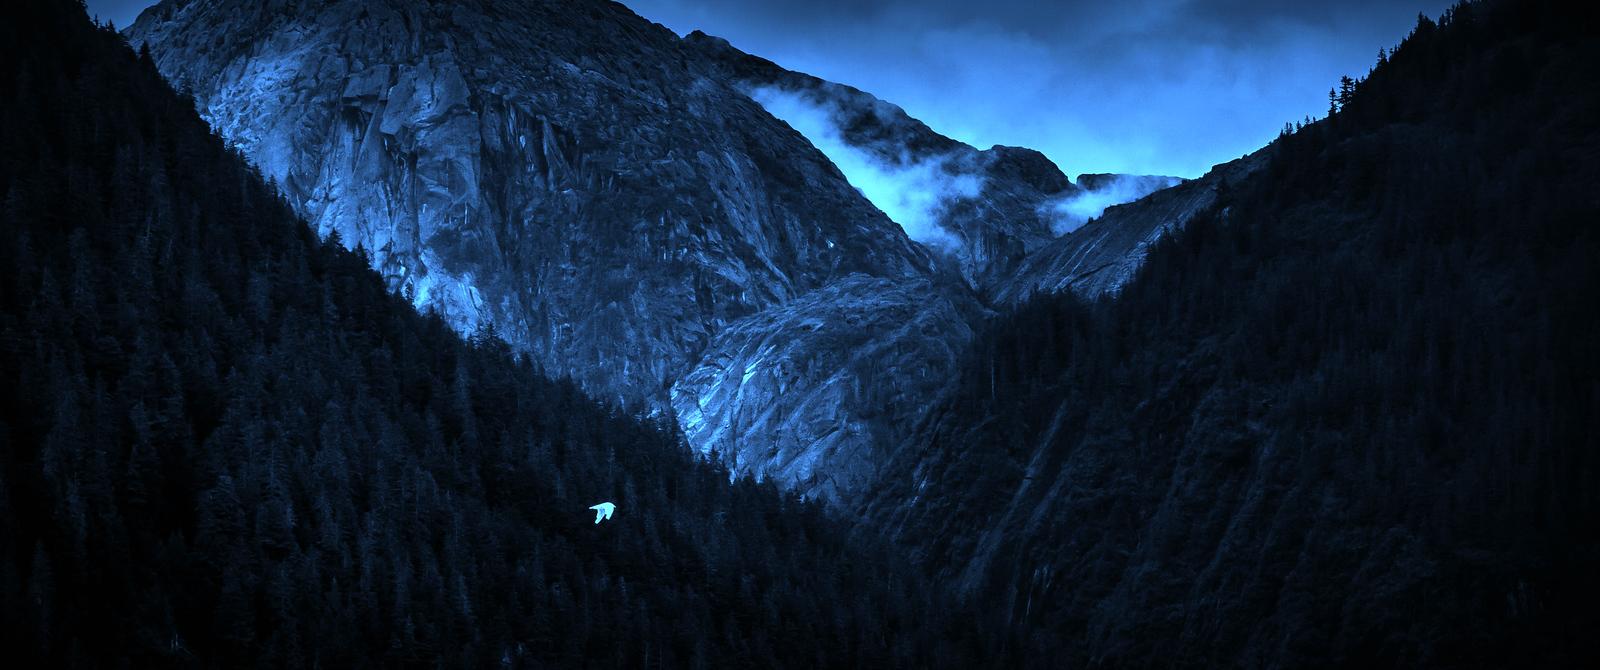 阿拉斯加,山峰若隐若现